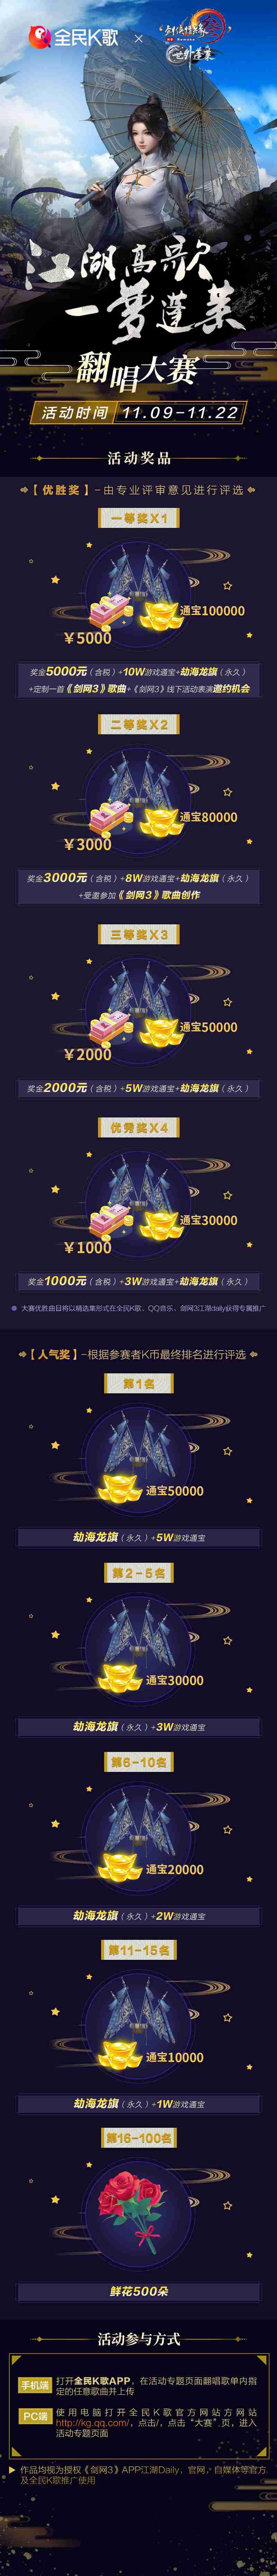 《剑网3》携手全民K歌 推出江湖高歌翻唱大赛